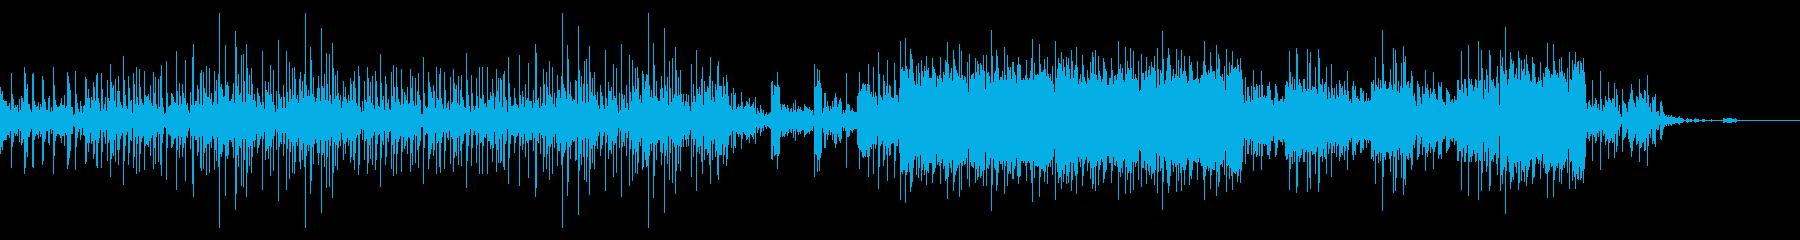 ダウンビートなエクスペリメンタルロックの再生済みの波形